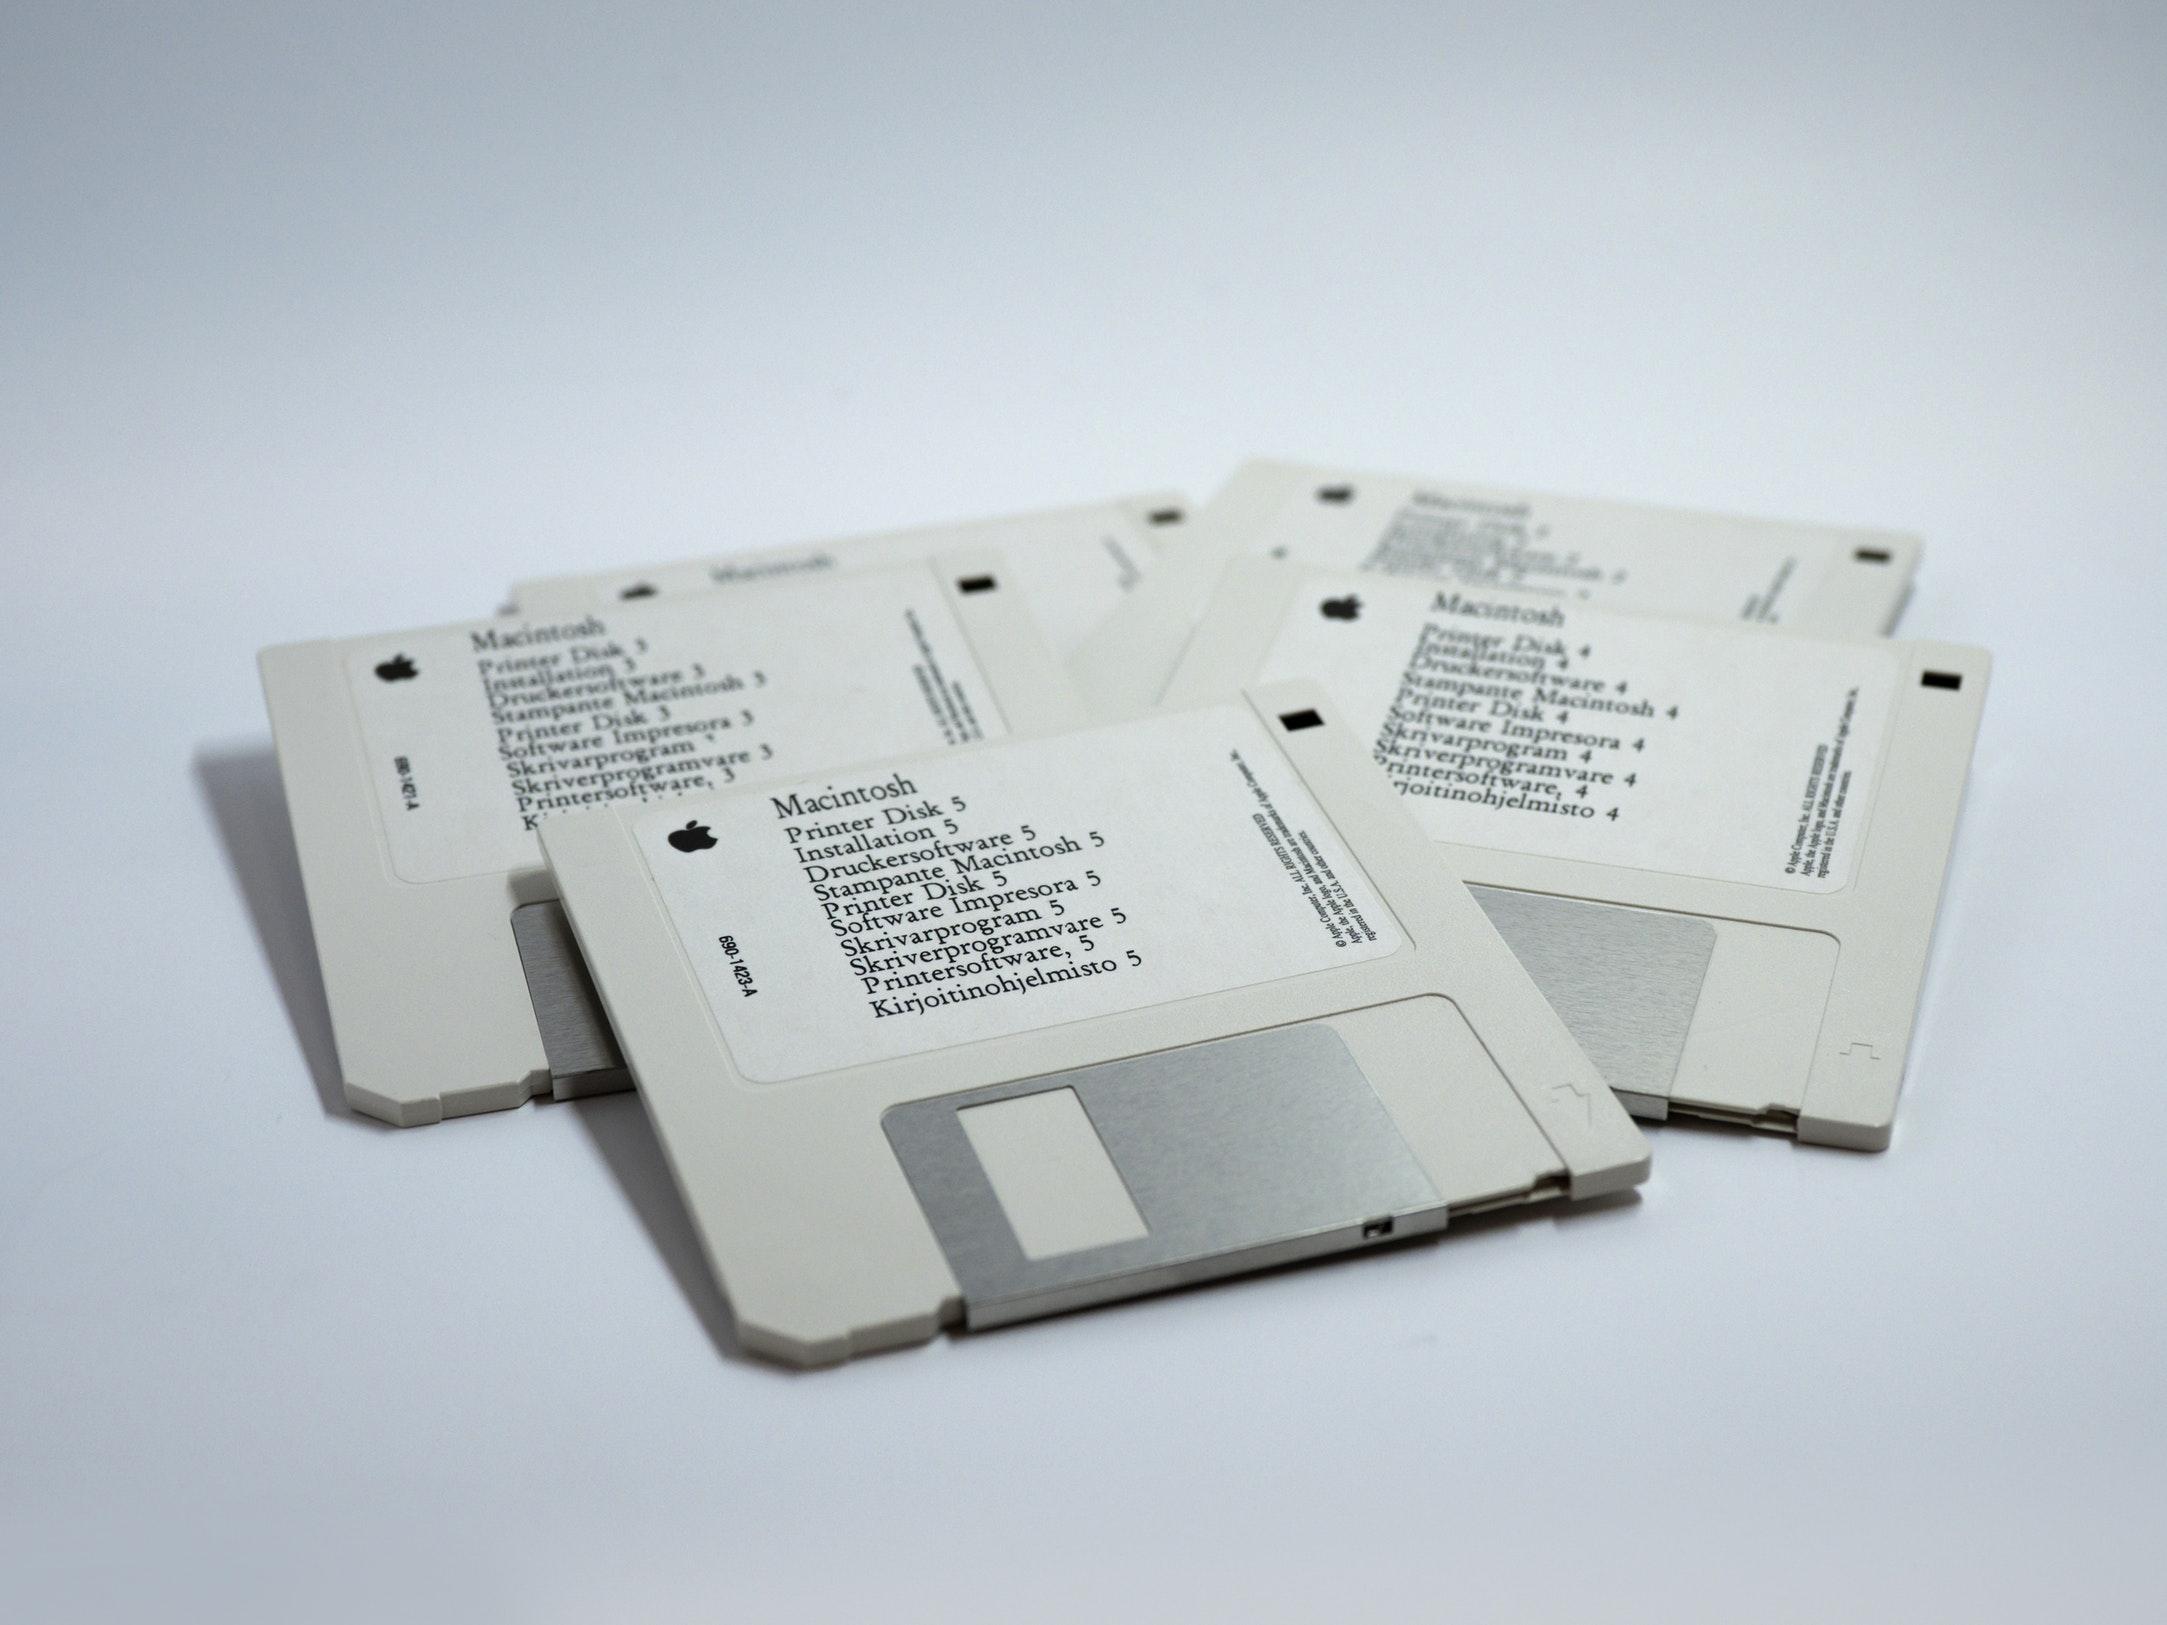 ¿Usas software heredado? Conoce 5 peligros de trabajar con sistemas obsoletos.